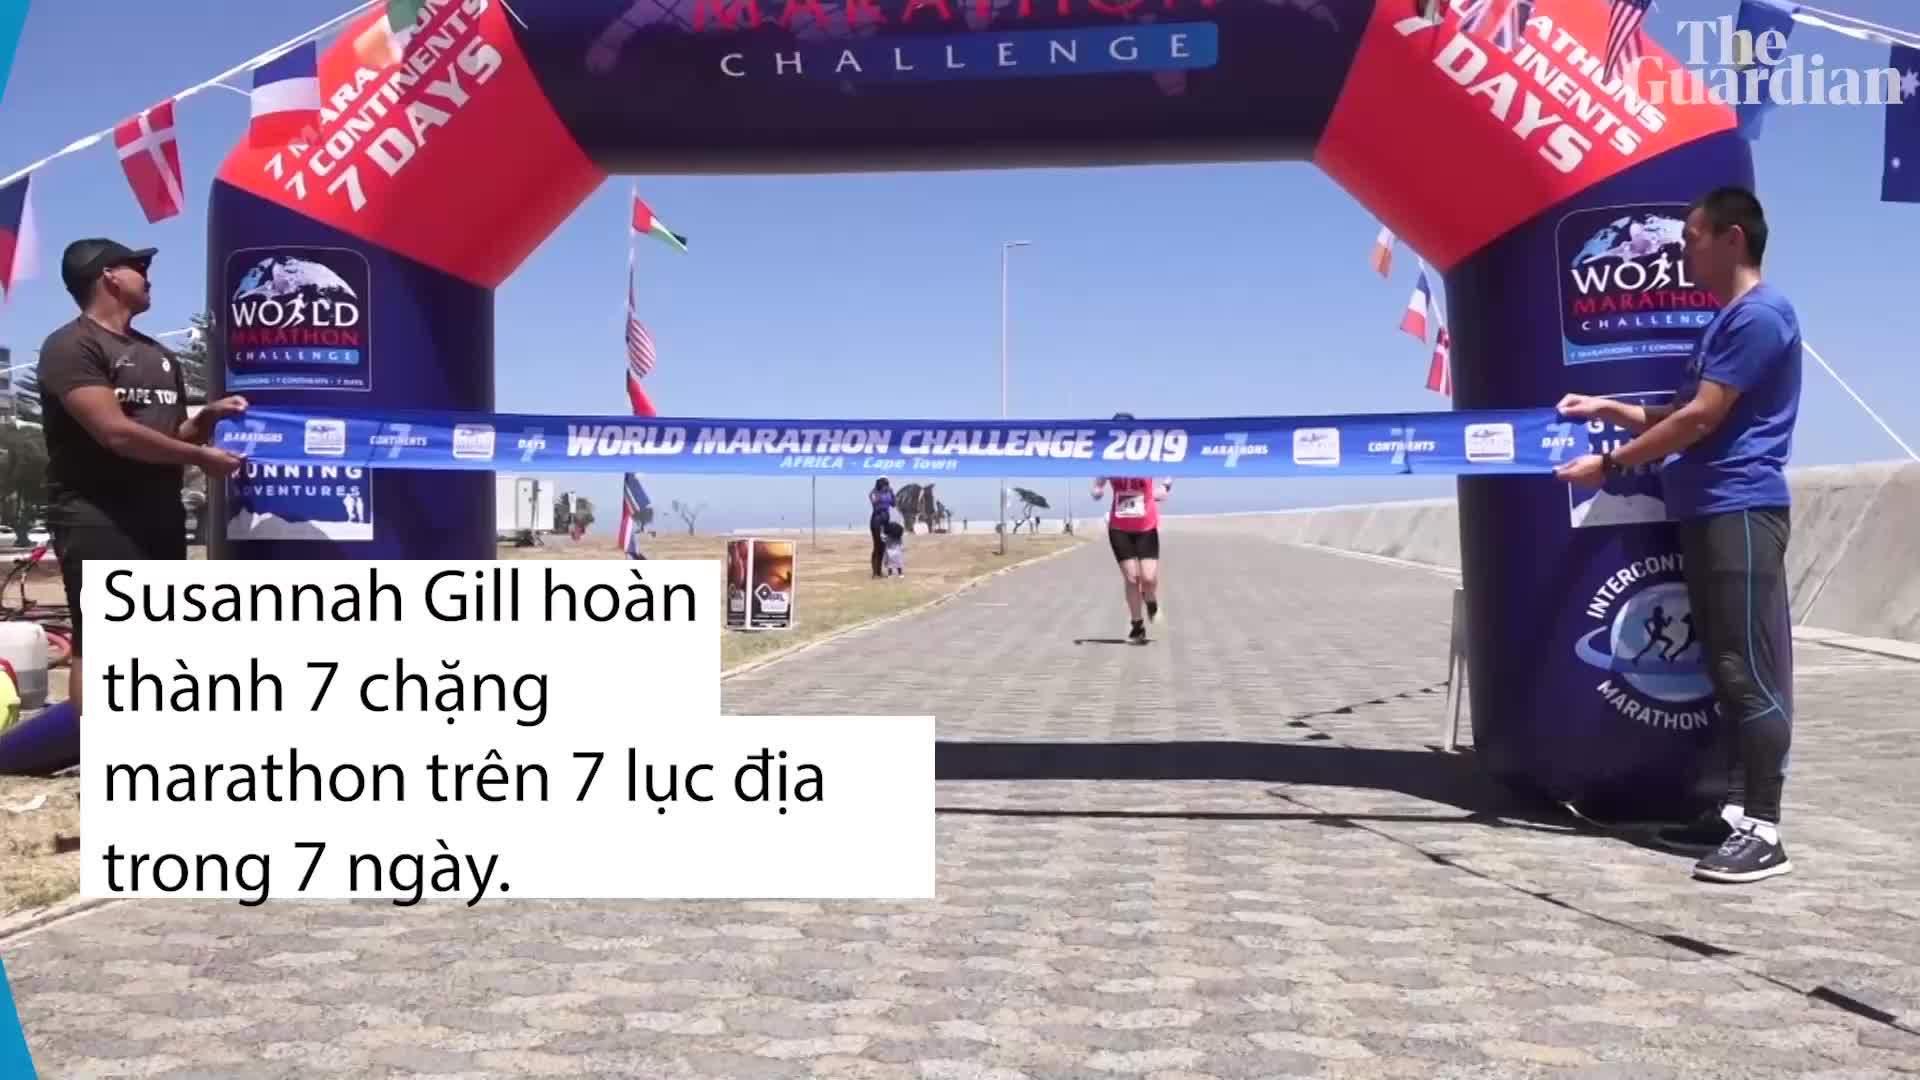 Nữ VĐV hoàn thành Thử thách Marathon Thế giới nhanh nhất